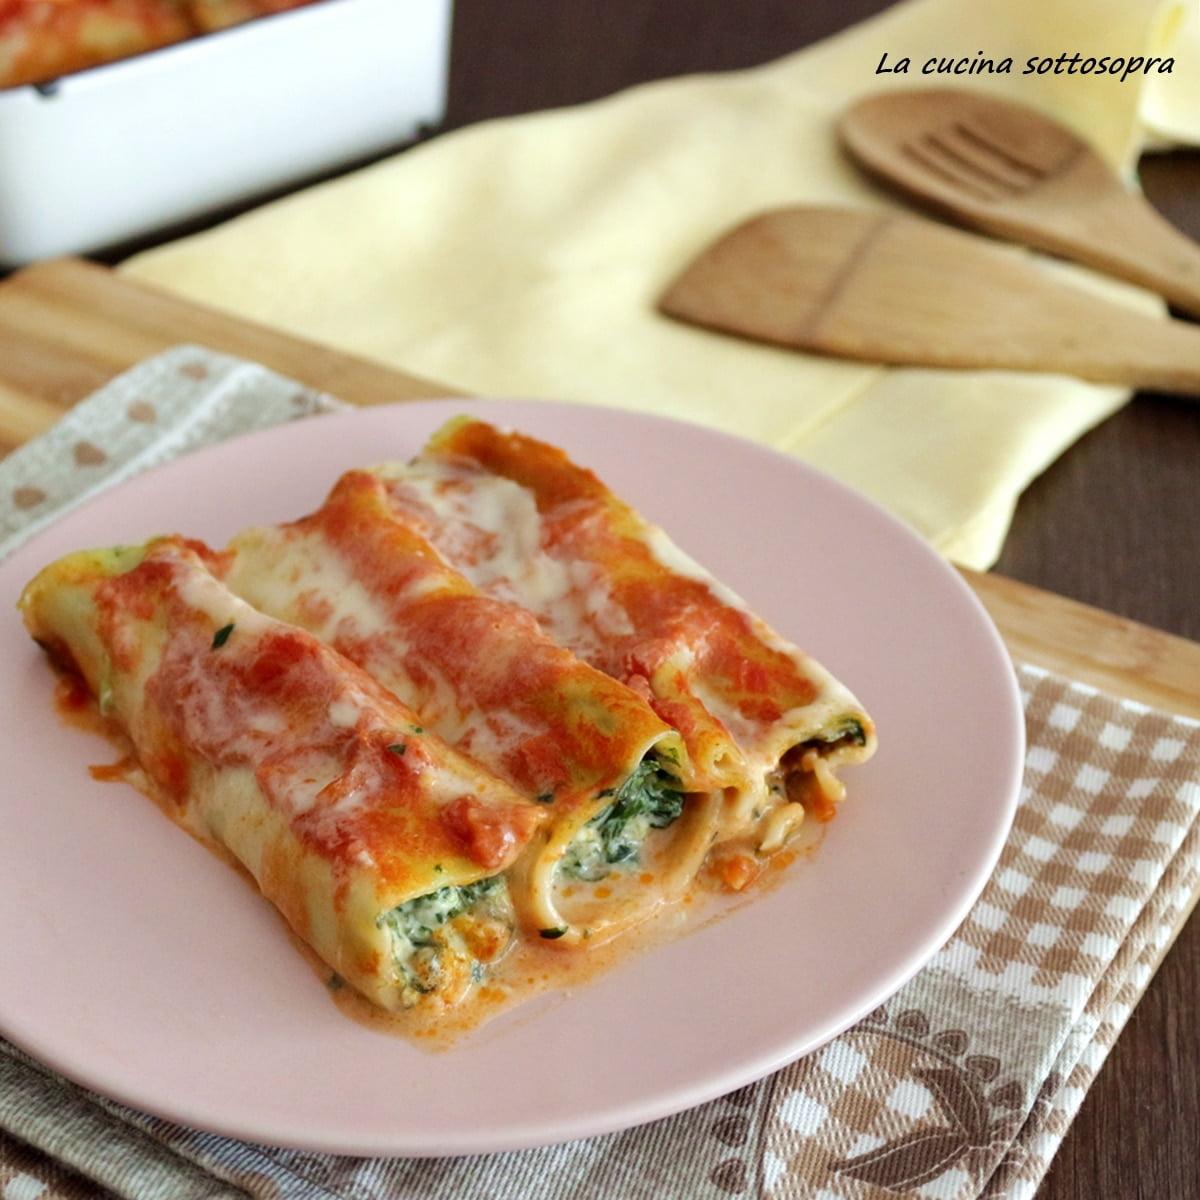 CANNELLONI - Porzione 350 grammi / Ripieno di ricotta e spinaci - * Prodotto surgelato * - 7,00€